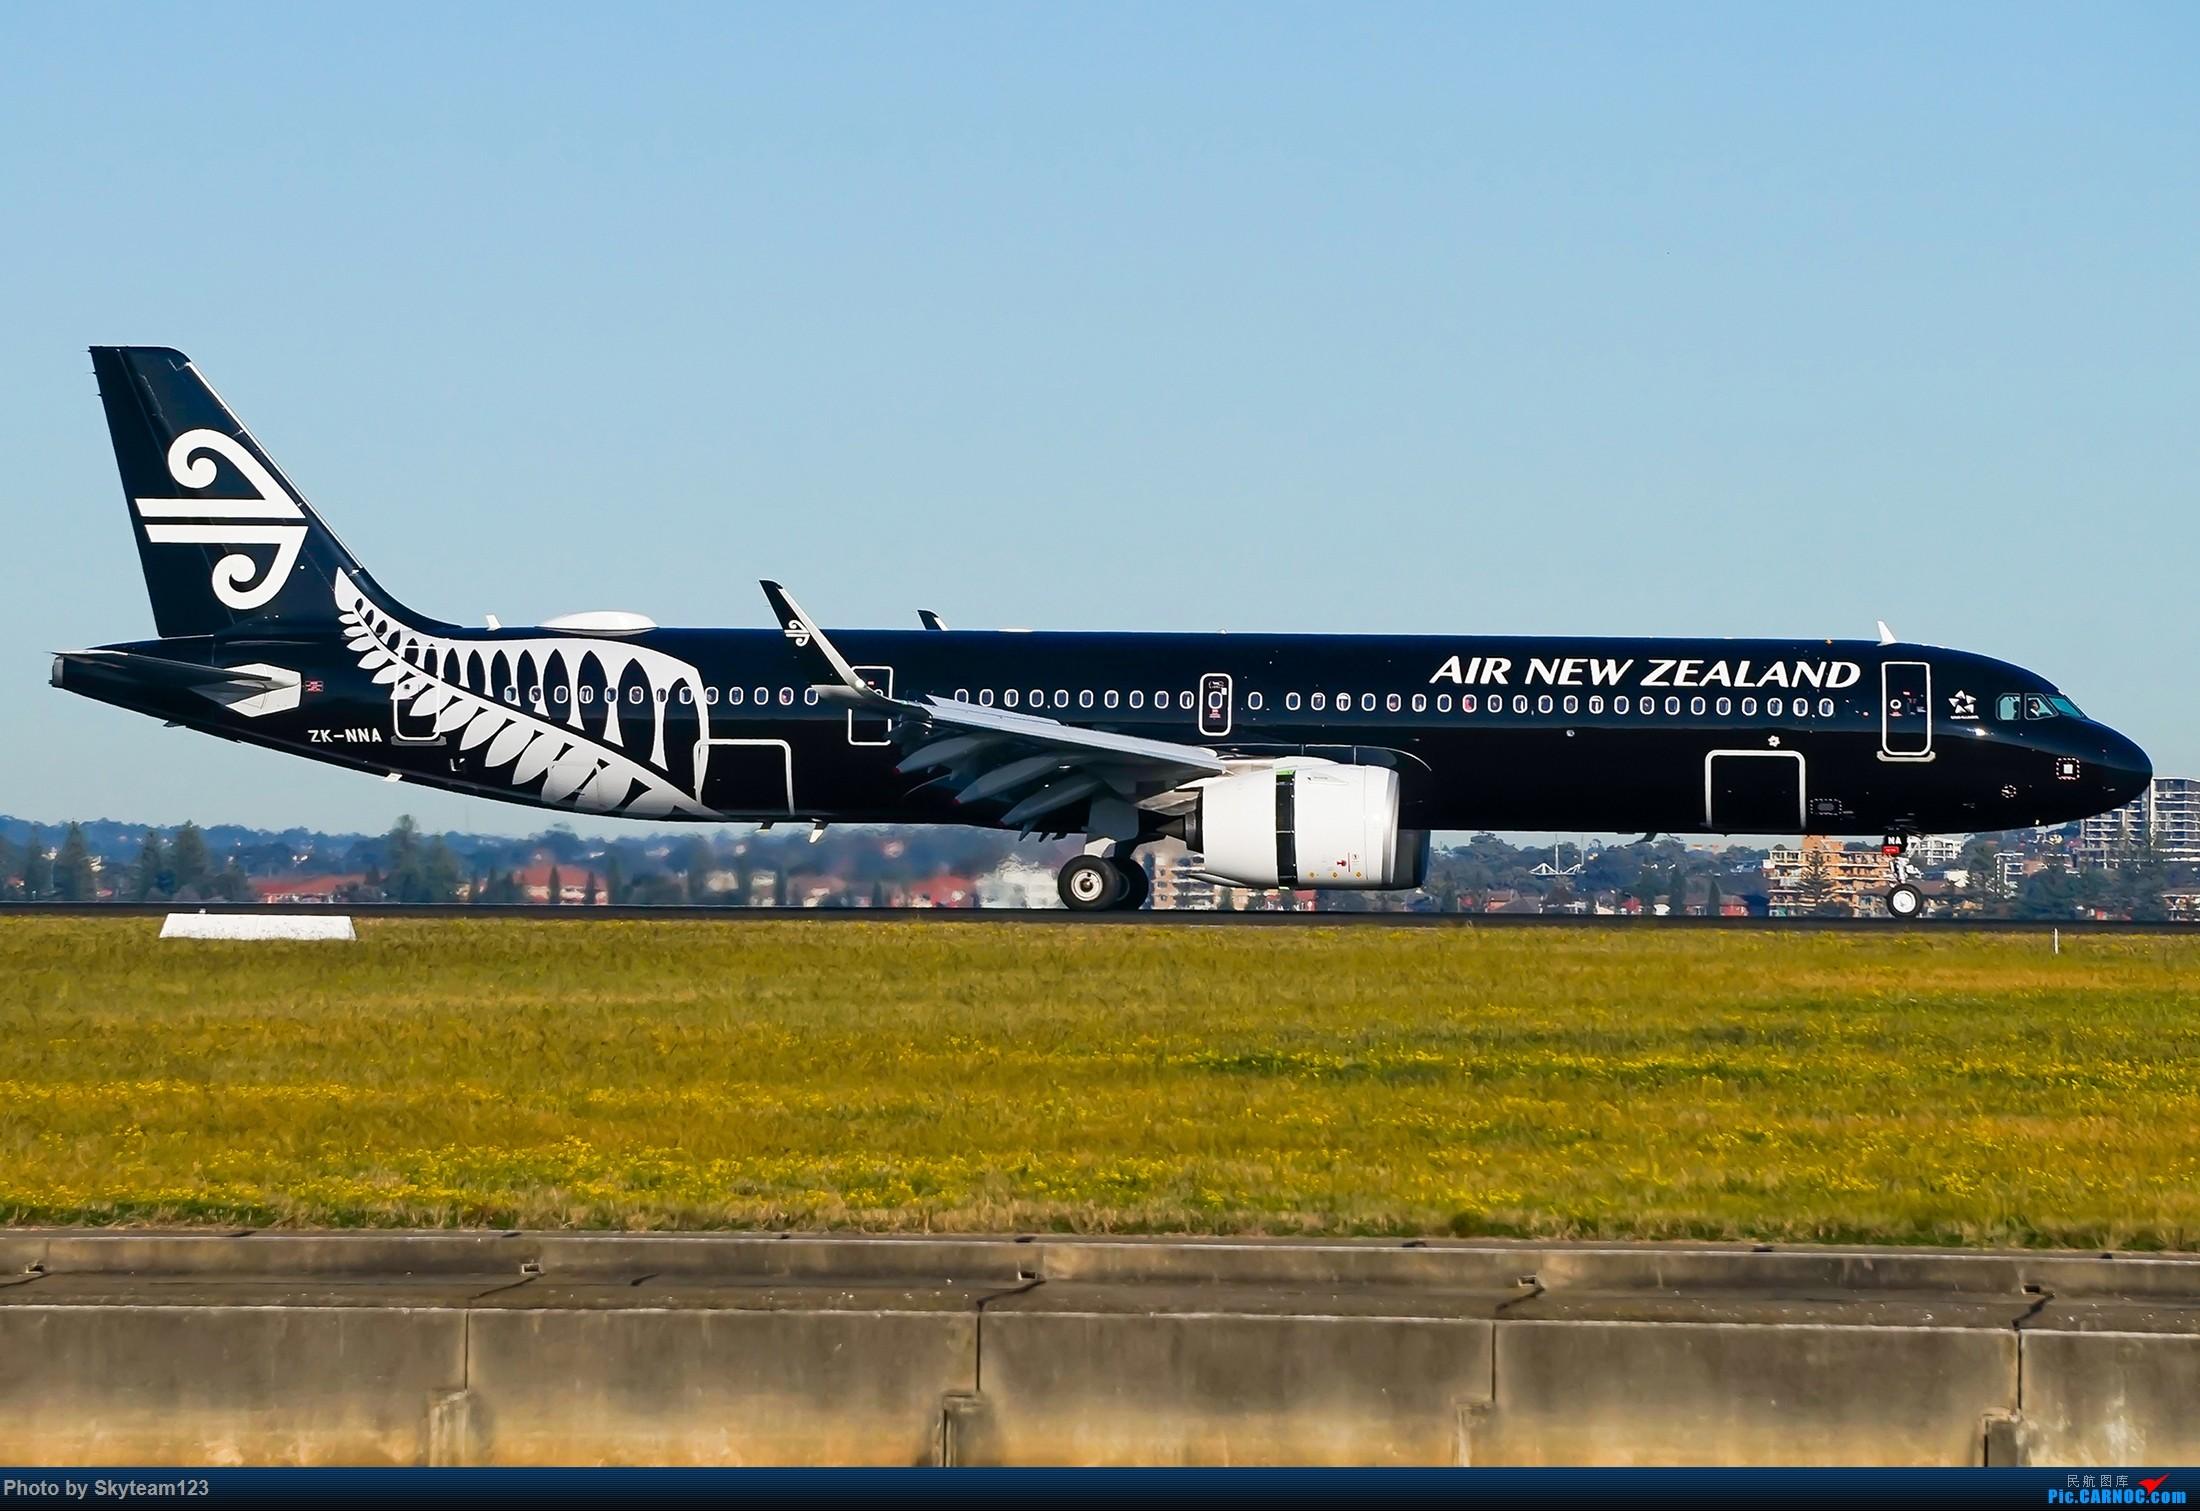 Re:[原创]【SYD】近期宽体精选杂图 AIRBUS A321NEO ZK-NNA 澳大利亚悉尼金斯福德·史密斯机场